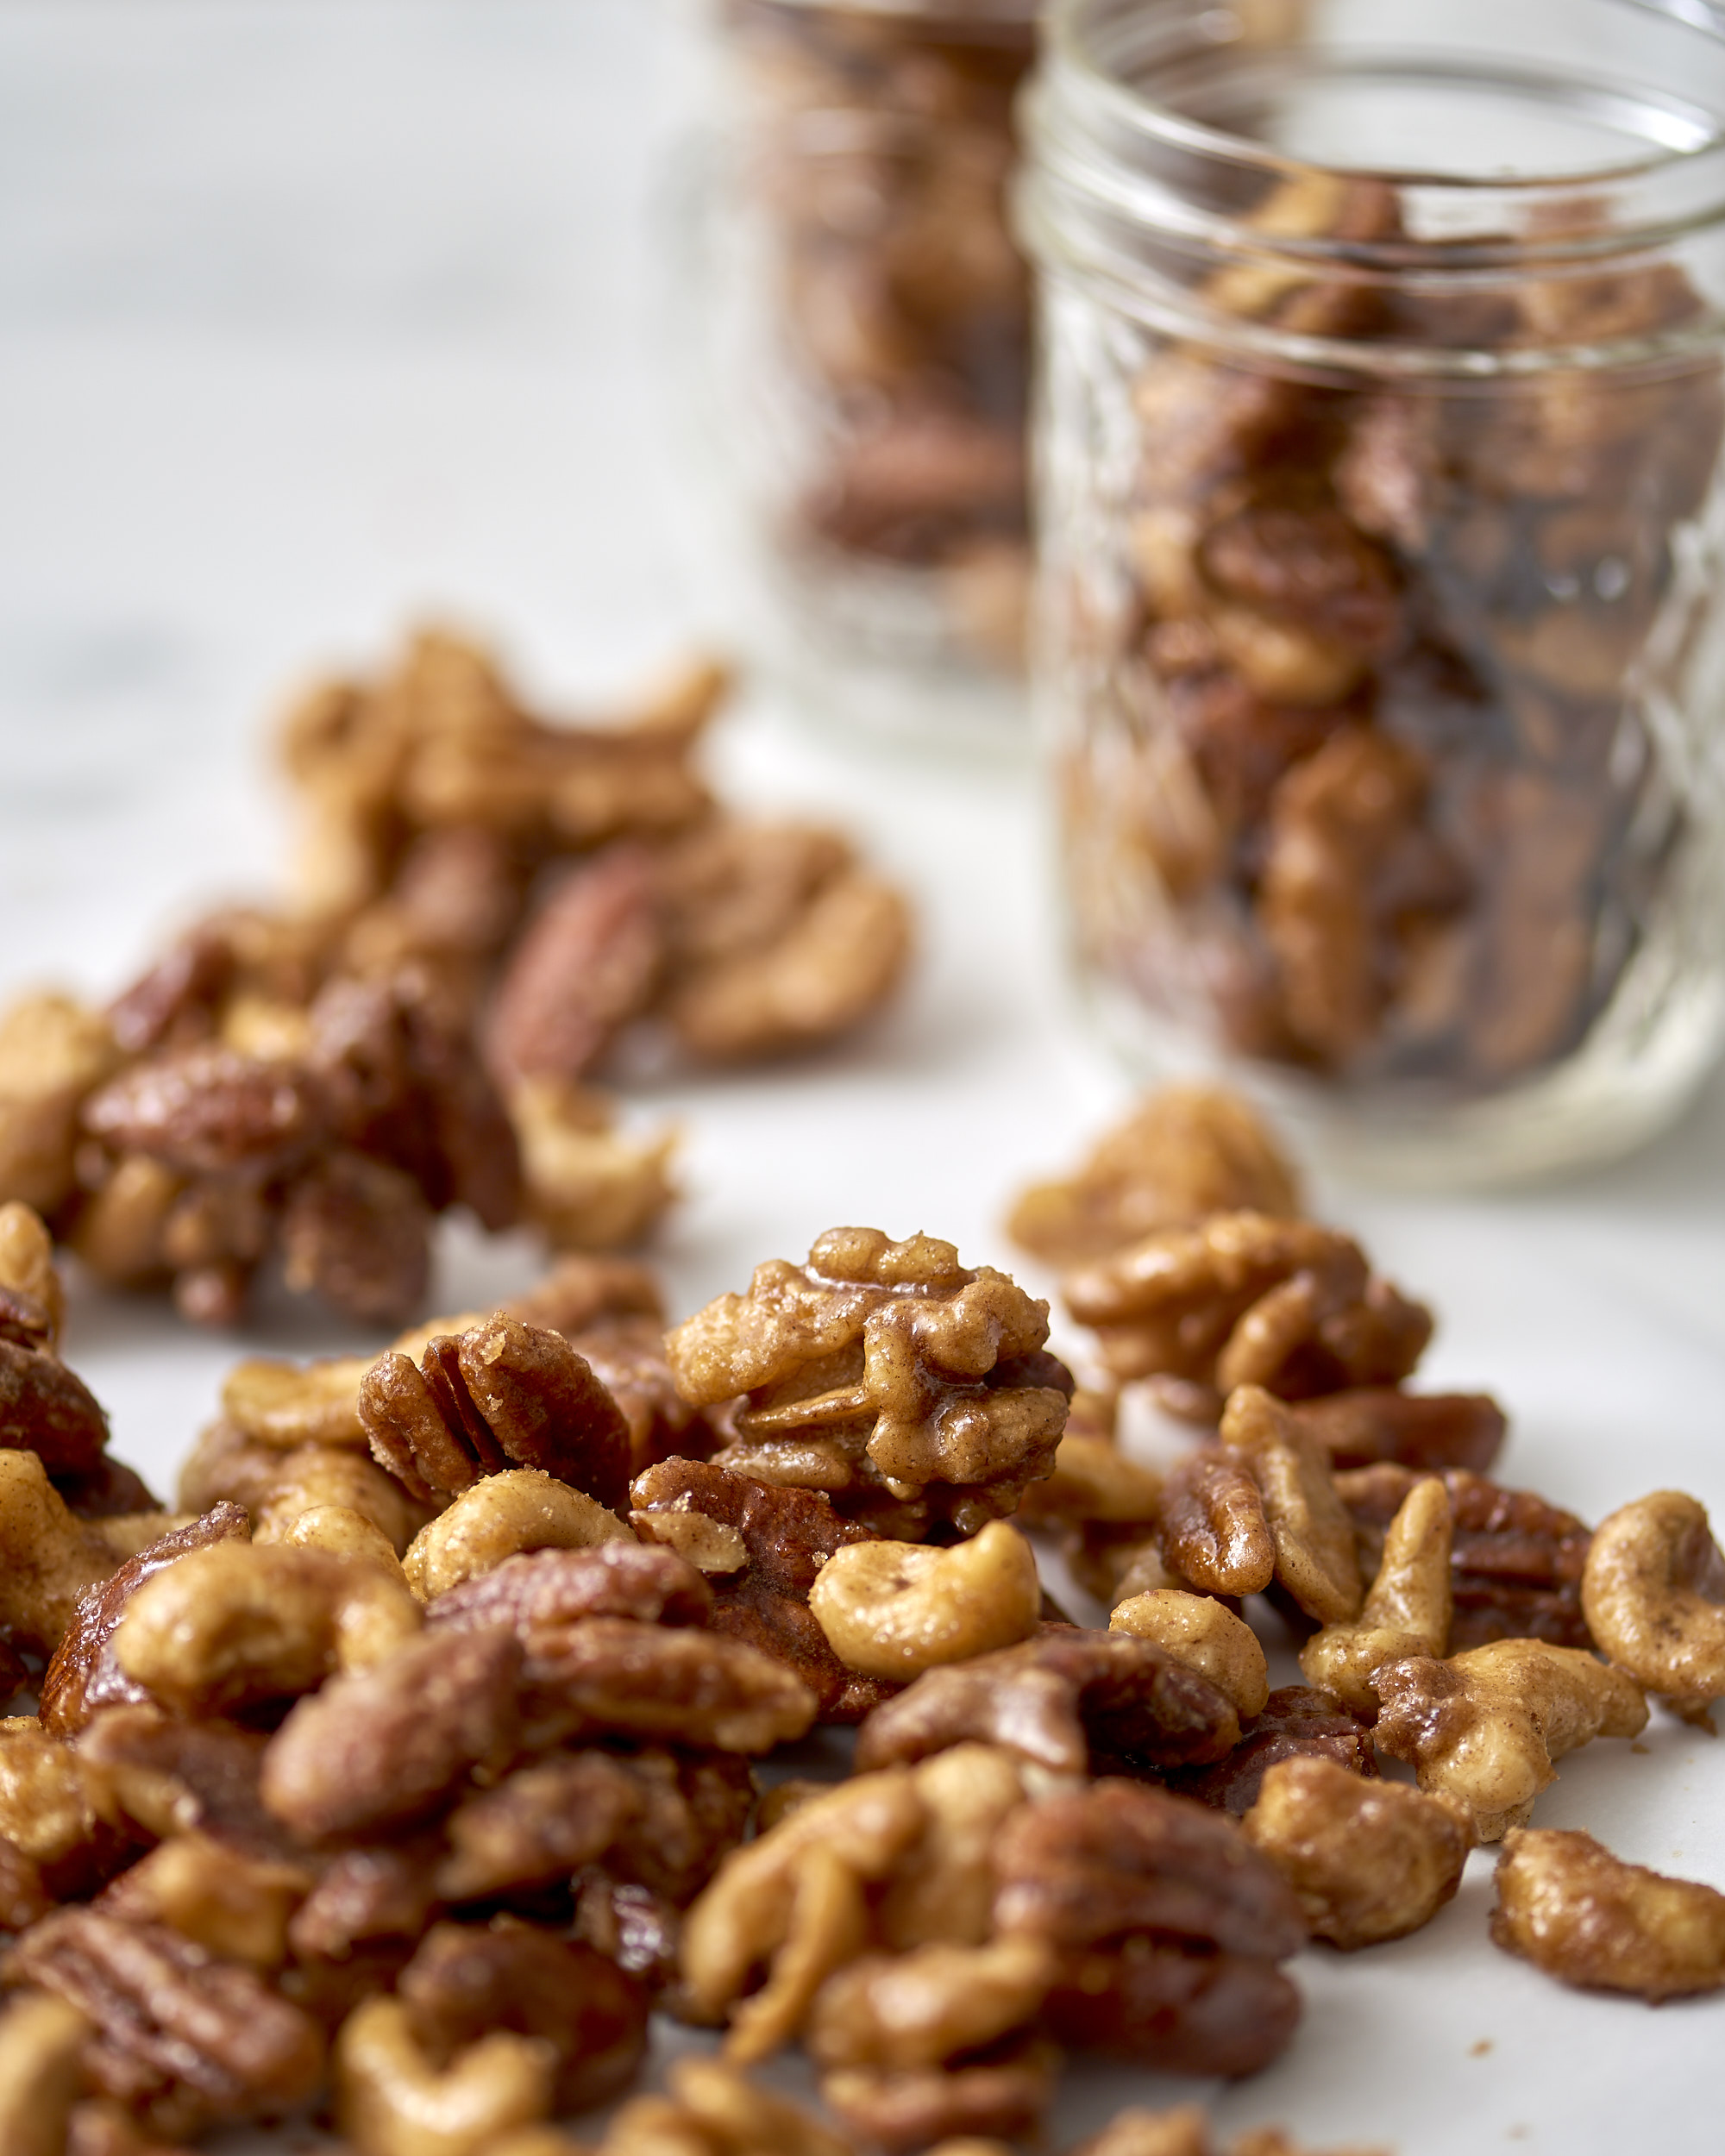 Costco Aldi Snacks Cheaper Price Comparison | Kitchn